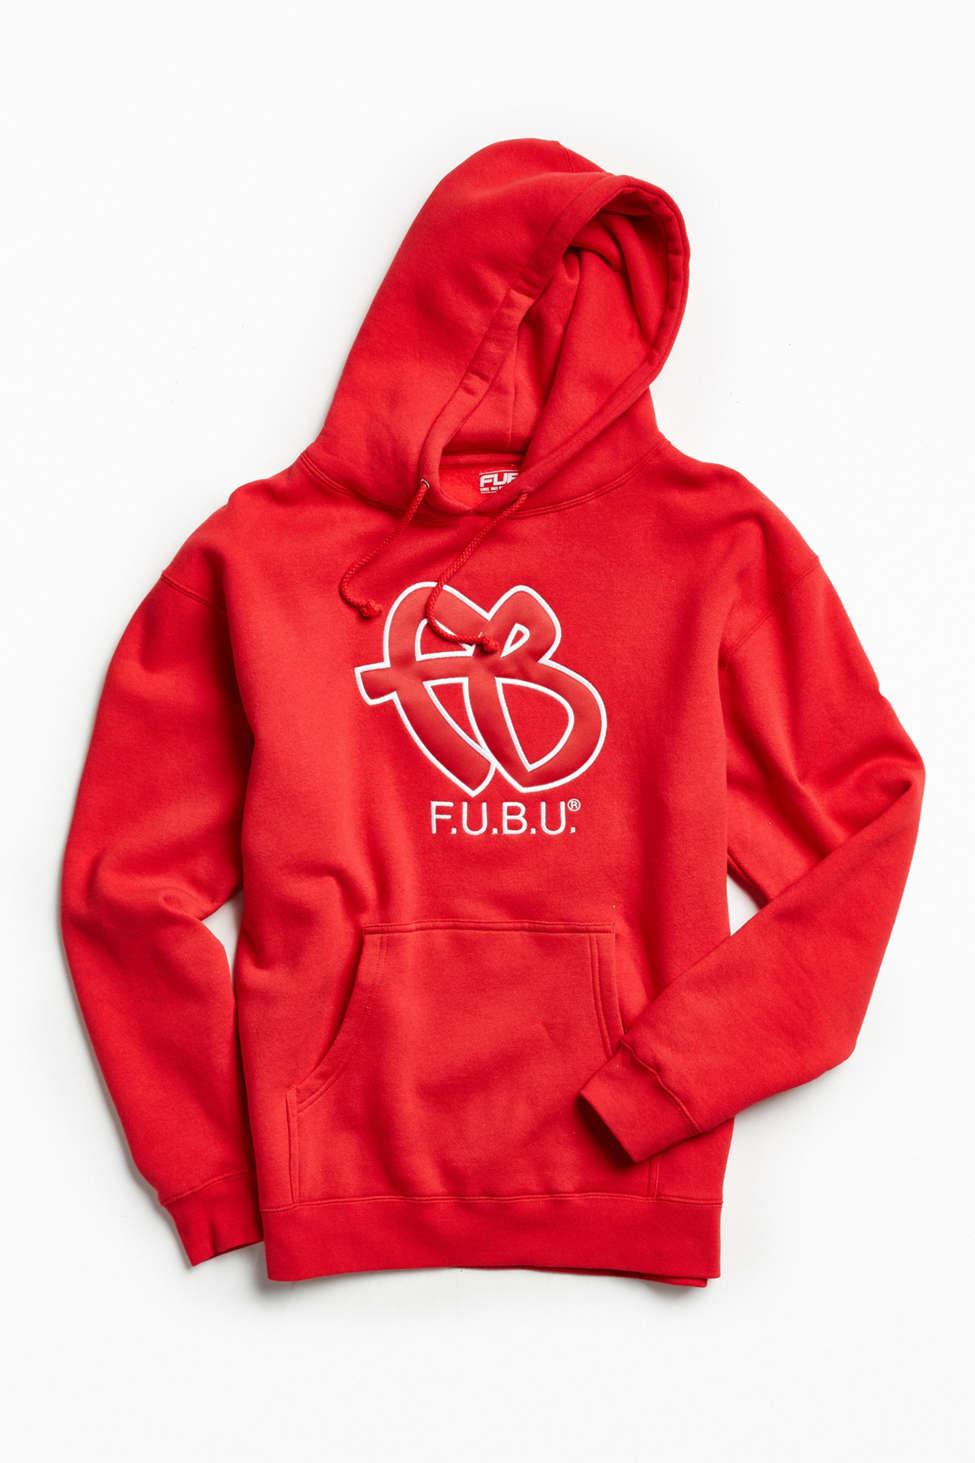 Slide View: 1: FUBU Embroidered Hoodie Sweatshirt